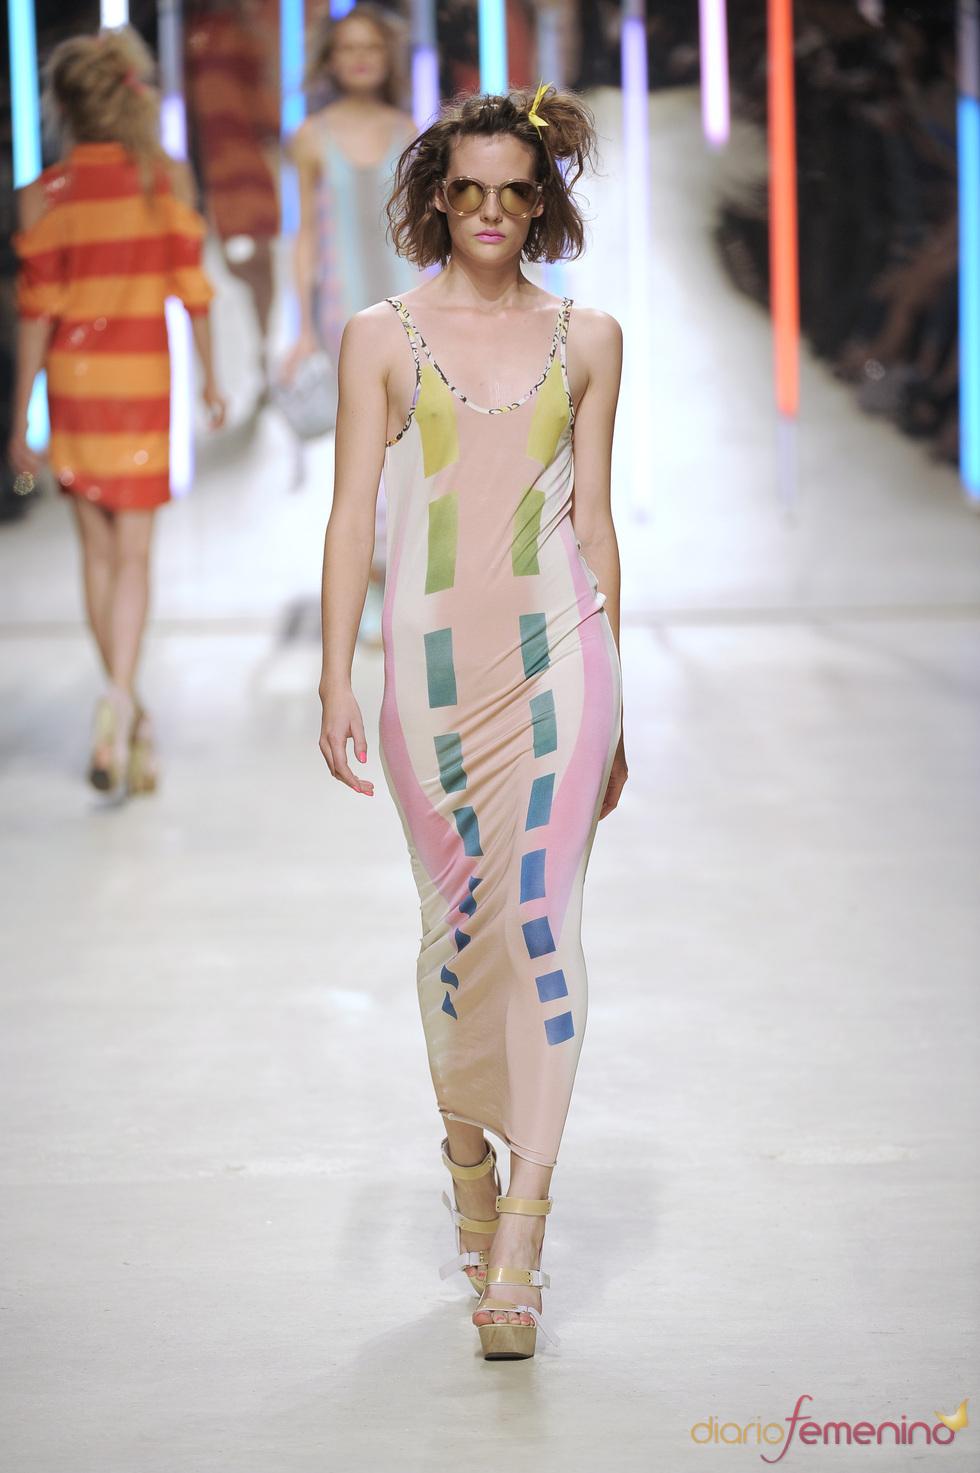 Vestido femenino de Topshop 2010